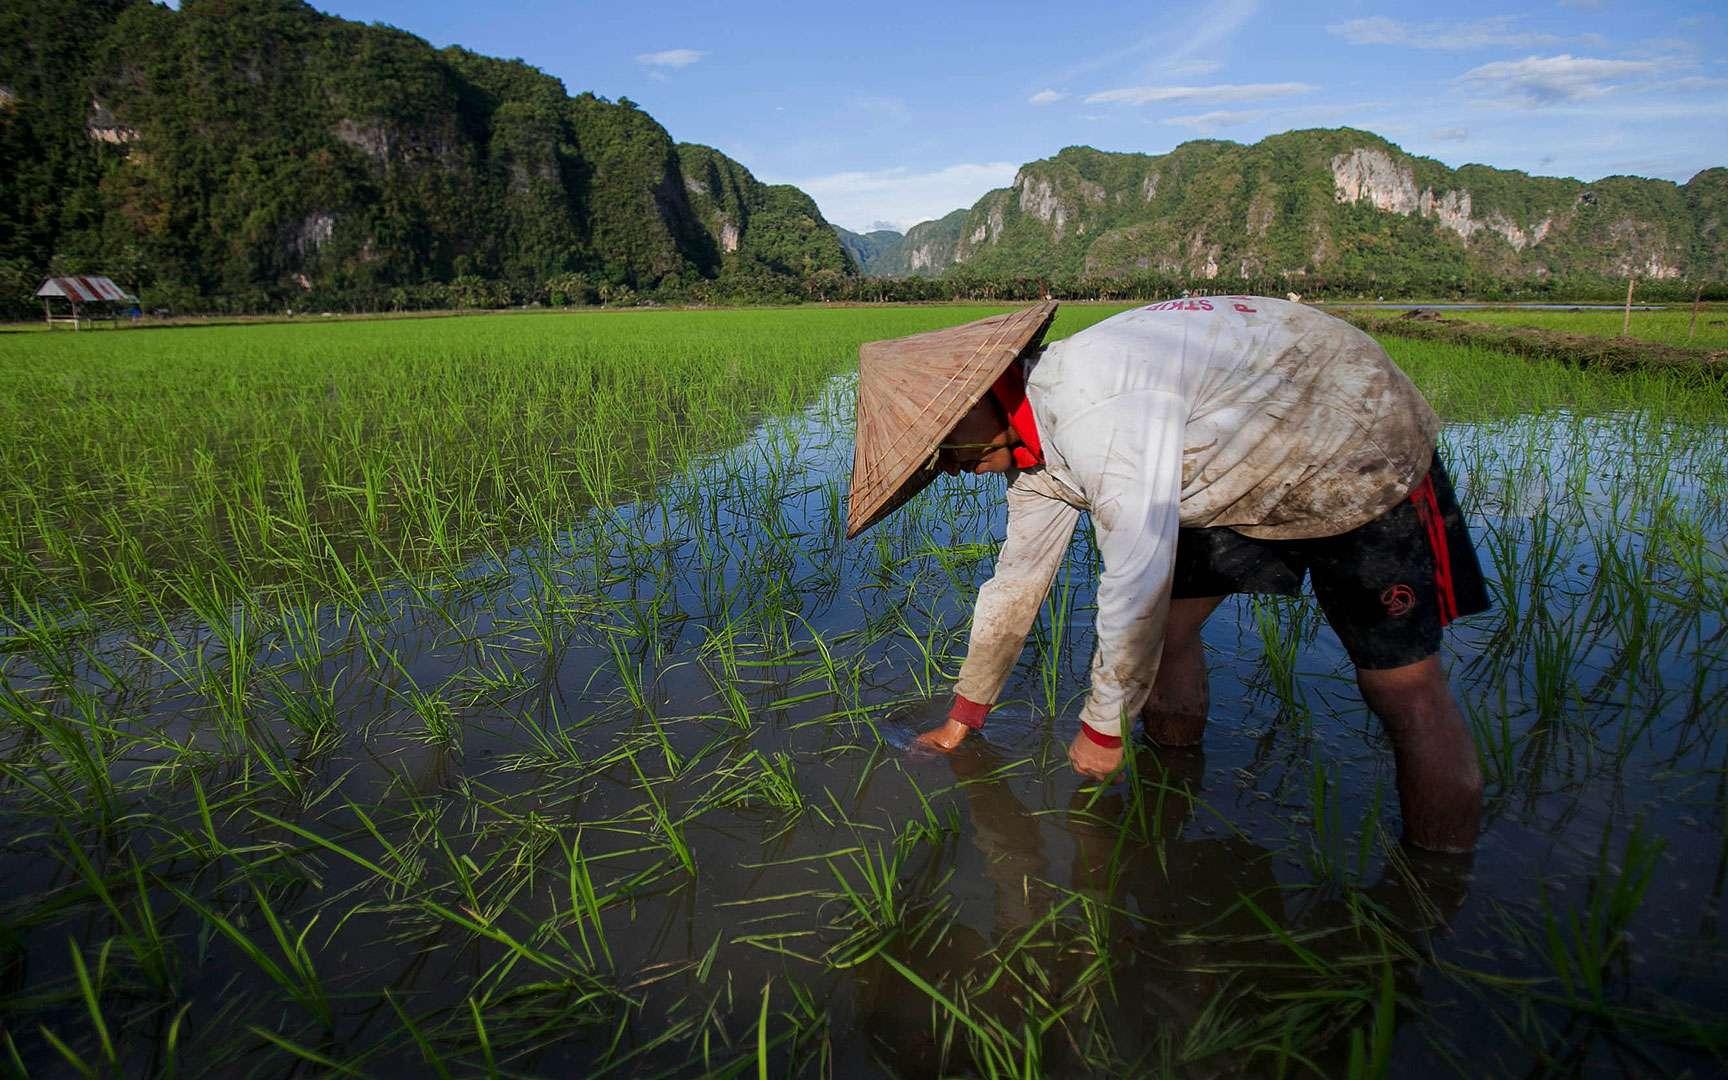 Le riz, aliment emblématique de l'Asie. Long ou rond, le riz est essentiellement cultivé en Asie ; sa culture s'est aussi développée sur d'autres continents, comme en Camargue, en France. La culture du riz en Asie remonte à plus de 10.000 ans. Le riz pousse dans des régions humides et ensoleillées, dans des rizières, notamment des rizières en terrasses. Il représente la première céréale cultivée dans le monde pour l'alimentation humaine. © cifor, CC by-nc 2.0